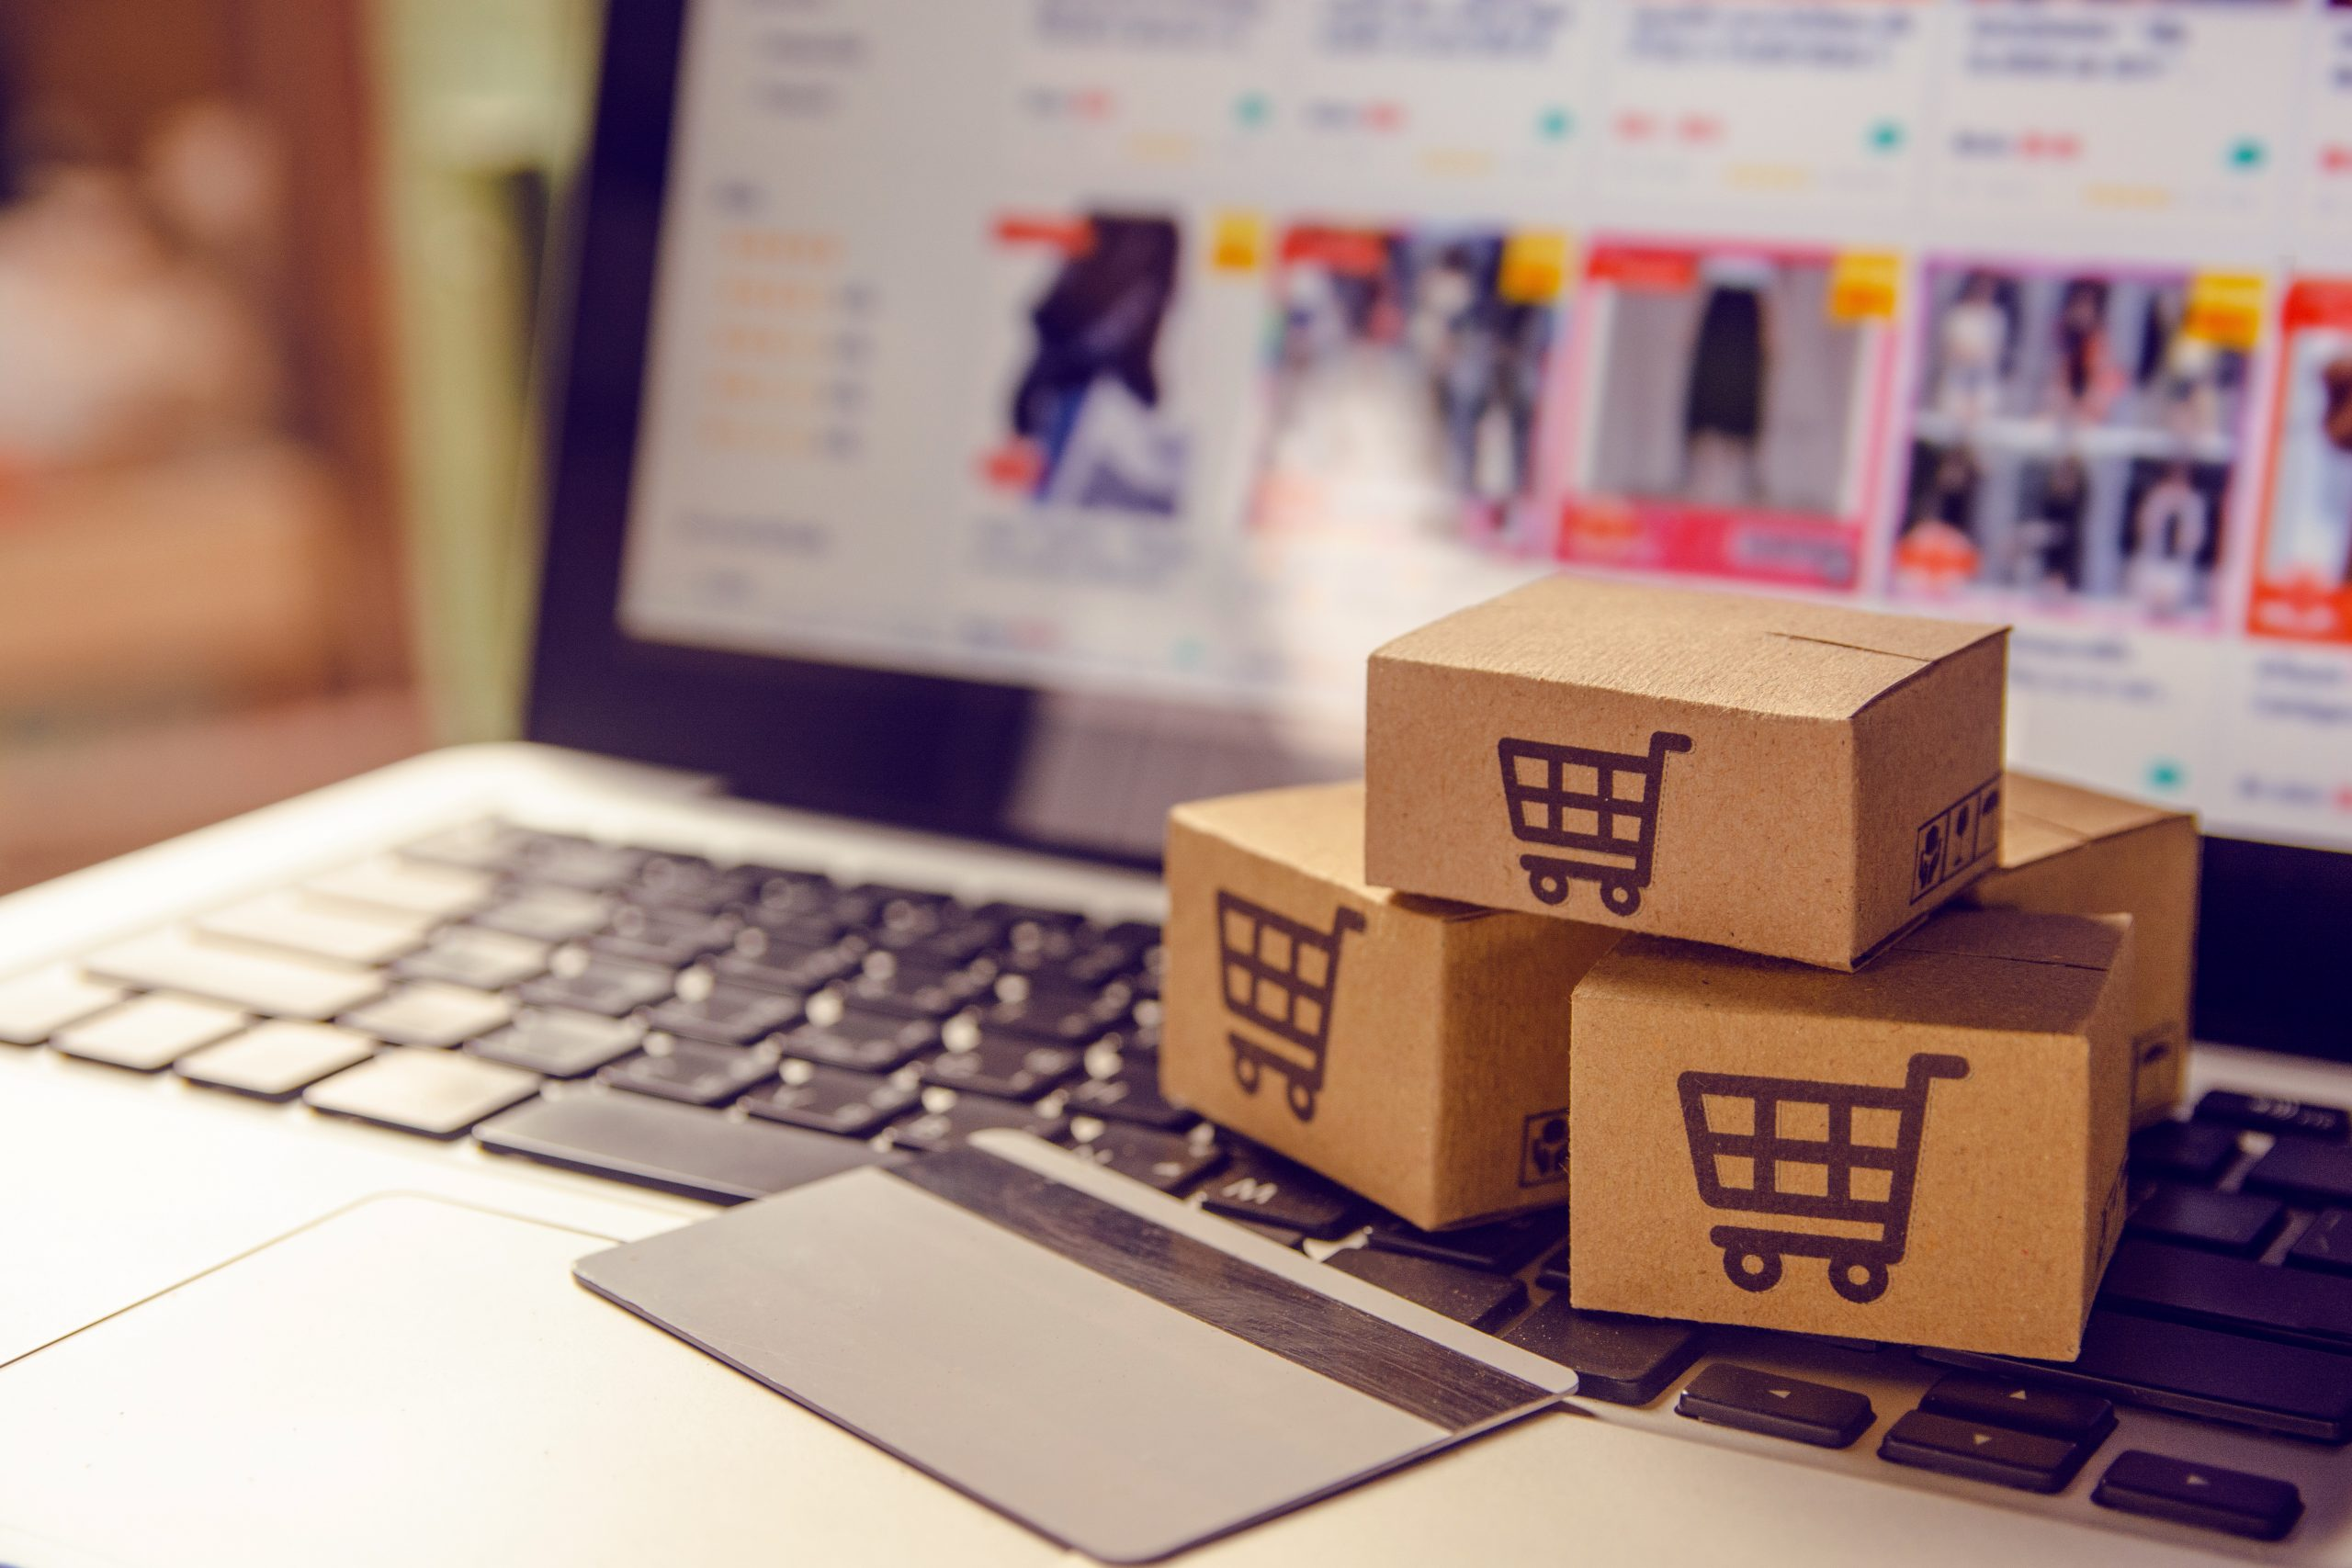 vendere online all'estero requisiti